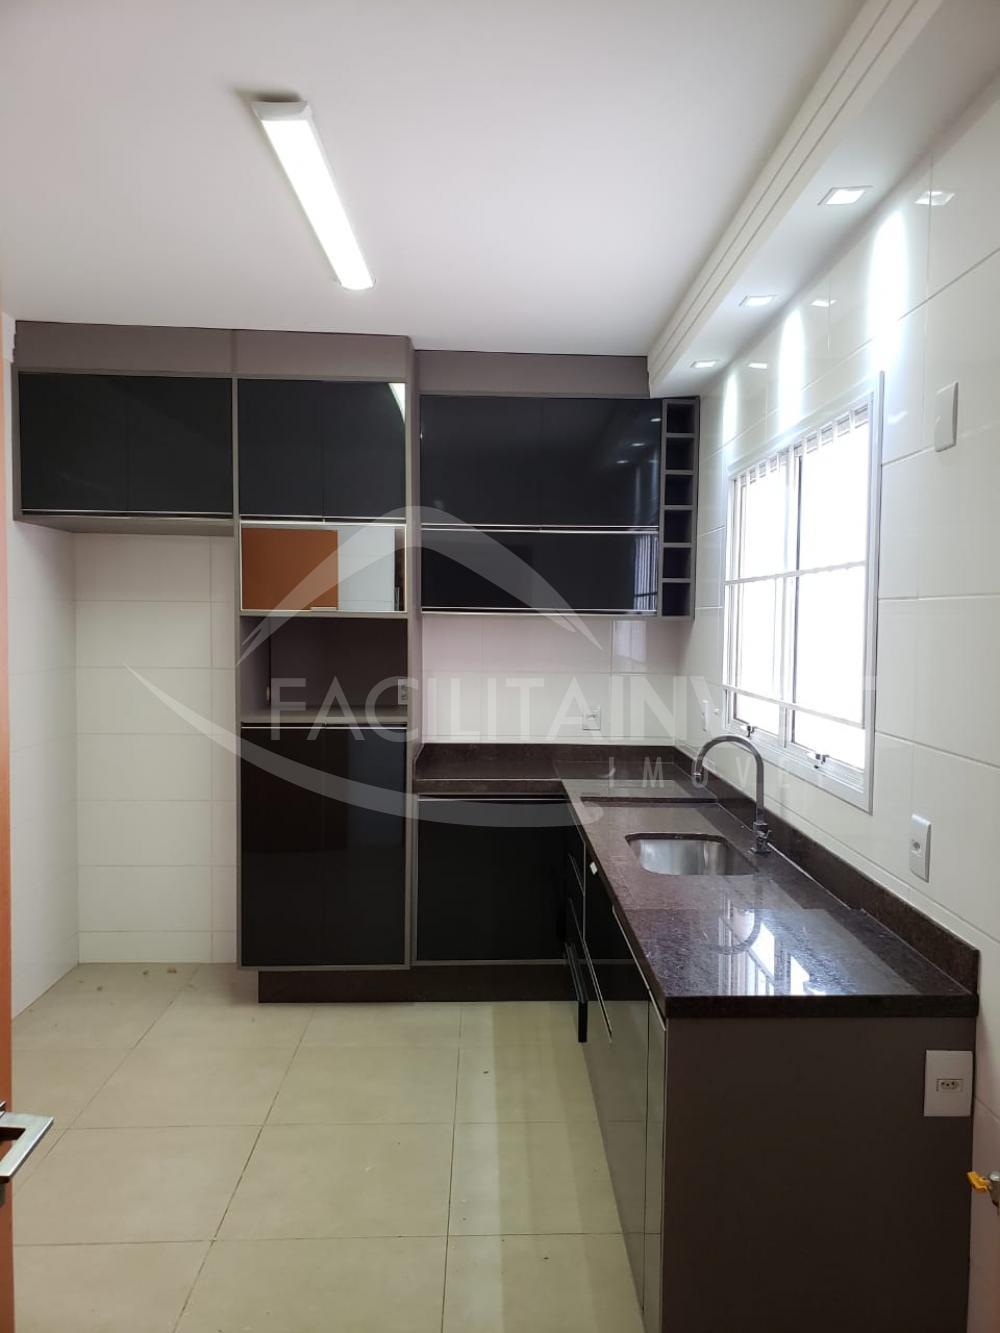 Alugar Apartamentos / Apart. Padrão em Ribeirão Preto apenas R$ 3.300,00 - Foto 9